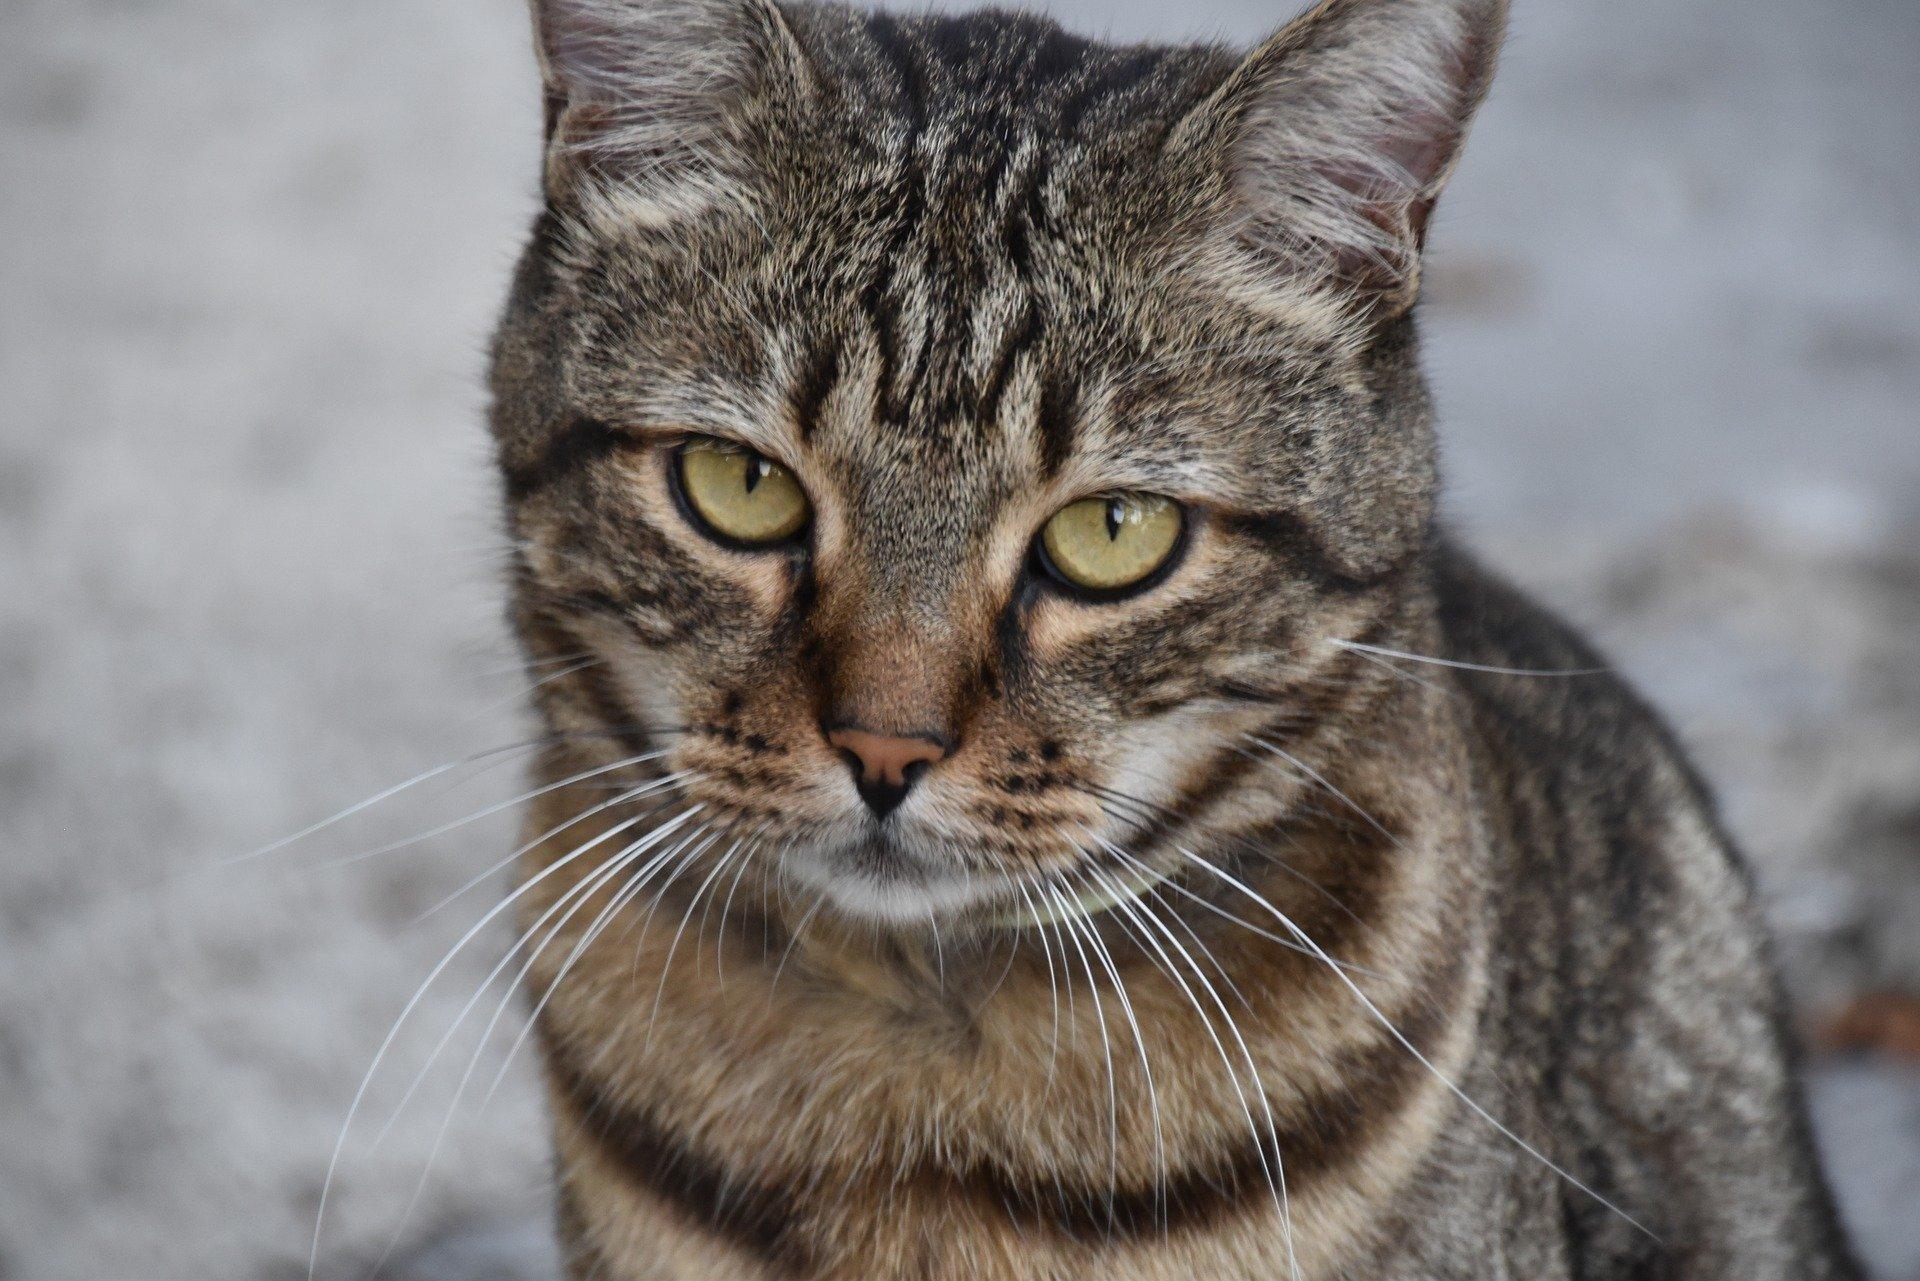 cat 2715302 1920.jpg?resize=1200,630 - Malaisie : un homme condamné après avoir tué une chatte dans un sèche-linge